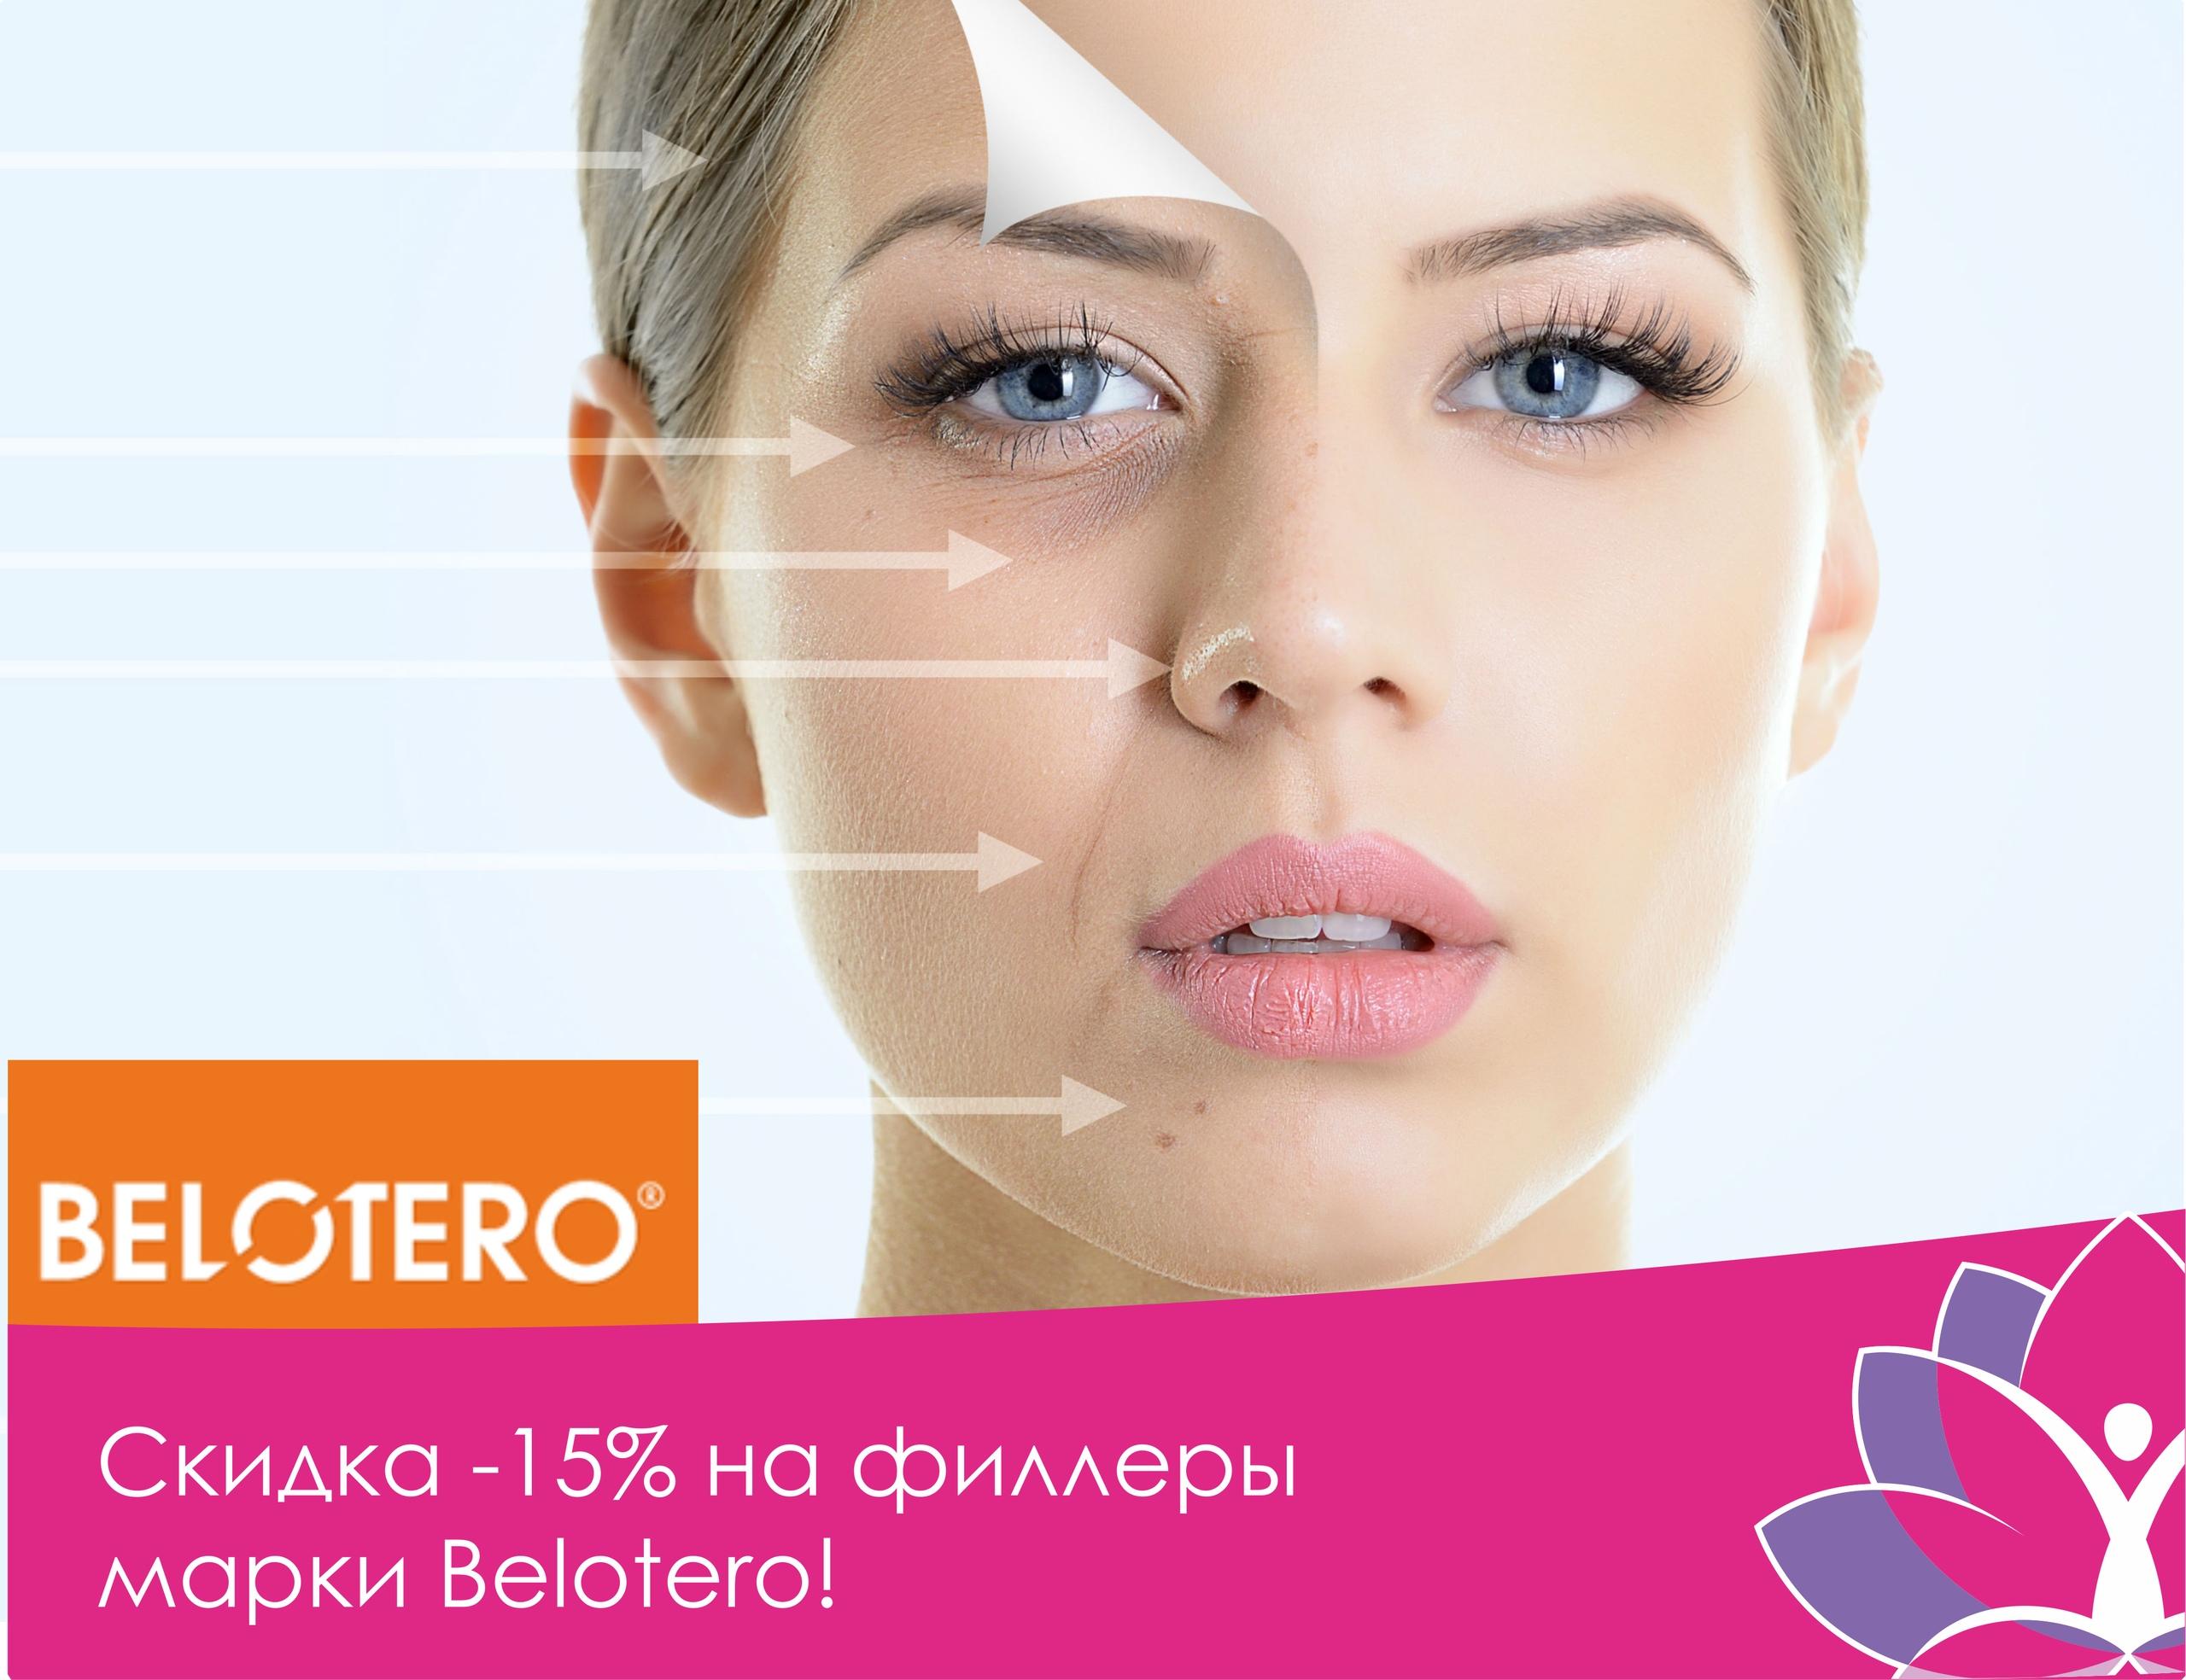 Скидка 15% на препараты Belotero